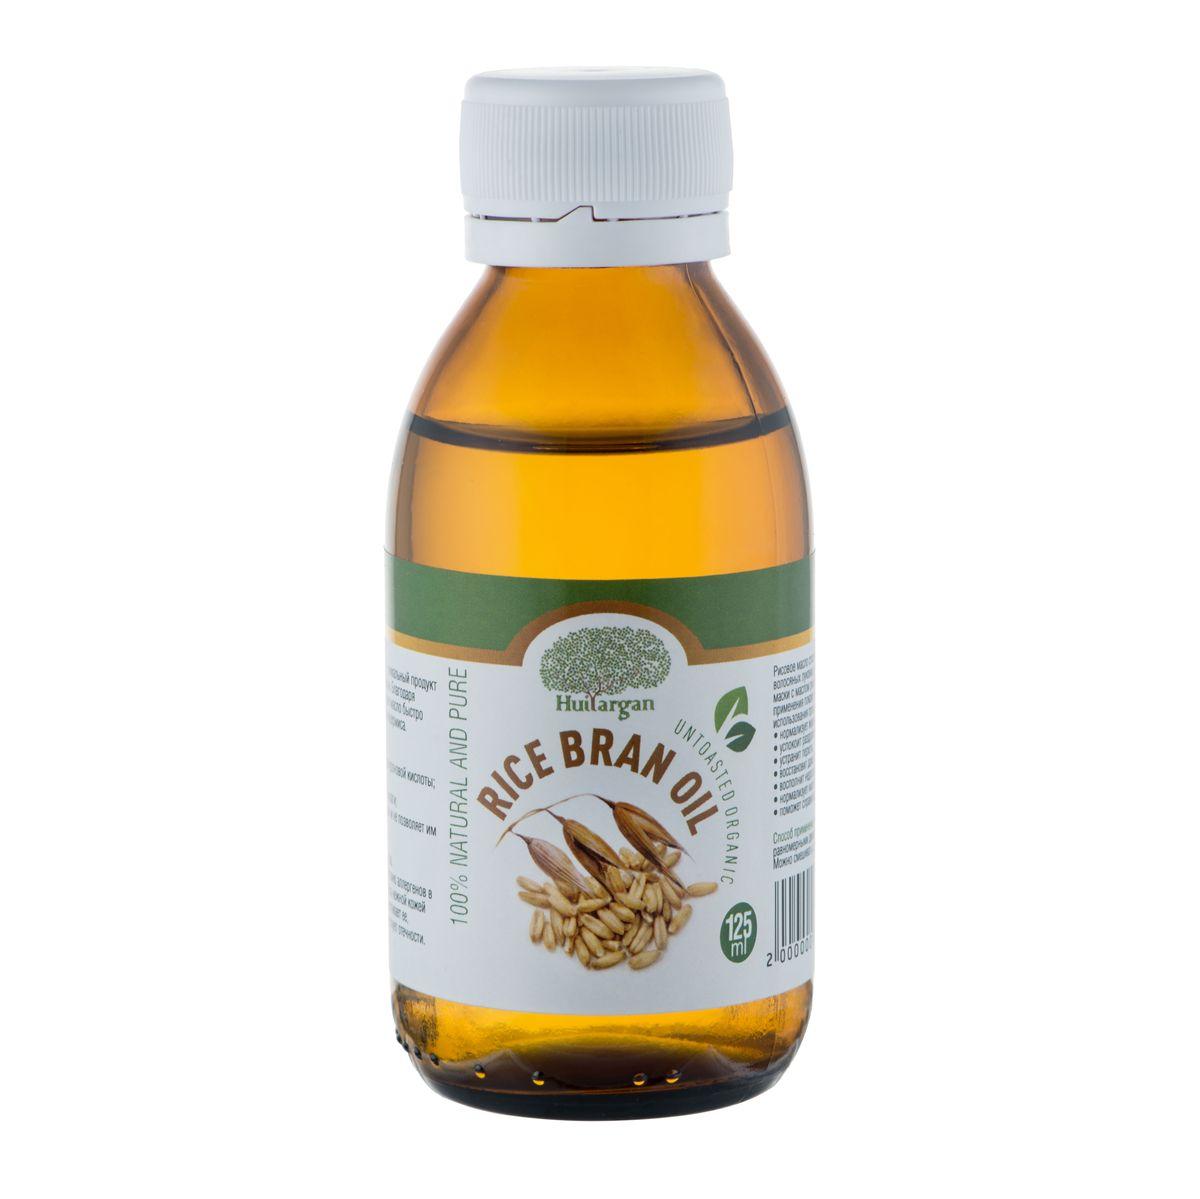 Huilargan Масло рисовых отрубей, 100% натуральное, 125 млFS-00897Масло рисовых отрубей (Rice bran oil ) - уникальный продукт рекомендован для сухой и увядающей кожи. Благодаря глубокому проникновению в кожу, рисовое масло быстро впитывается и попадает в нижние слои эпидермиса. Оно проявляет следующие действия:- провоцирует выработку эластина и гиалуроновой кислоты;- насыщает клетки витаминами;- увлажняет кожу и препятствует потере влаги;- разглаживает уже имеющиеся морщины и не позволяет им закладываться в будущем;- обновляет кожный покров;- выравнивает рельеф, улучшает цвет лица.Благодаря мягкому воздействию и отсутствию аллергенов в составе, продукт используется для ухода за нежной кожей вокруг глаз. Масло питает кожу век, подтягивает ее, разглаживает мелкие морщины и препятствует отечности.Рисовое масло способствует активизации замерших волосяных луковиц и укреплению корней волос. Массаж и маски с маслом рисовых отрубей уже через 10 дней применения покажут видимые результаты. Кроме того, его использования произведет дополнительные эффекты:- нормализует жирность кожи головы;- успокоит раздражение;- устранит перхоть;- восстановит даже сильно поврежденные волосы;- восполнит недостаток витаминов;- нормализует кислотный баланс;- поможет справиться с секущимися кончиками.